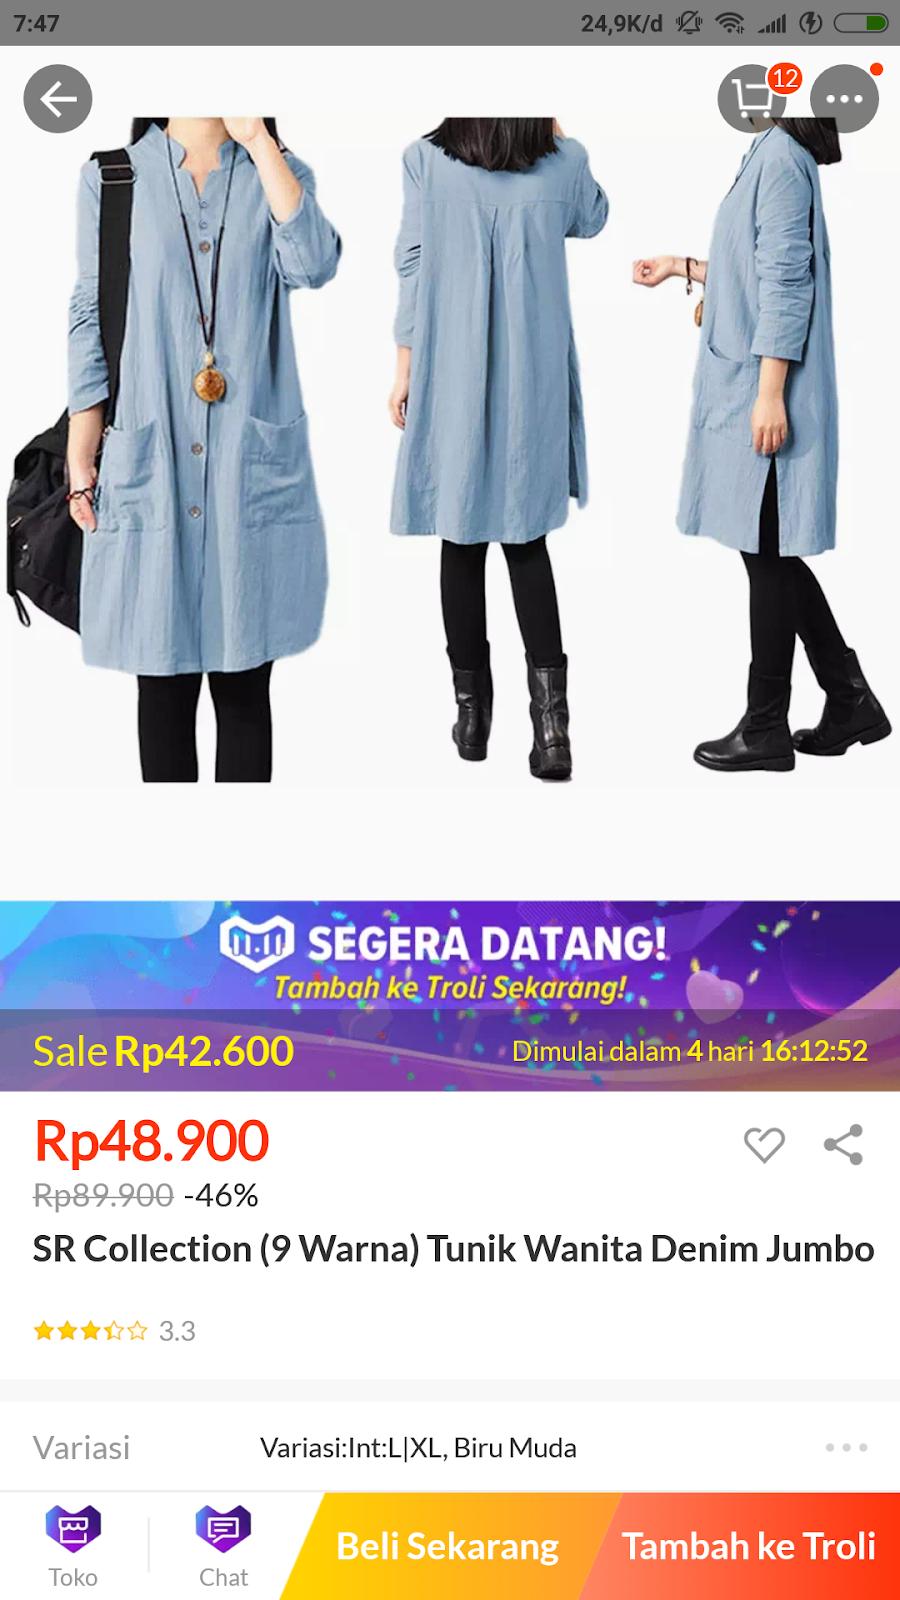 Kapan lagi bisa dapat baju harga murah tapi bagus selain di promo spesial  Lazada ini 8409a14b01